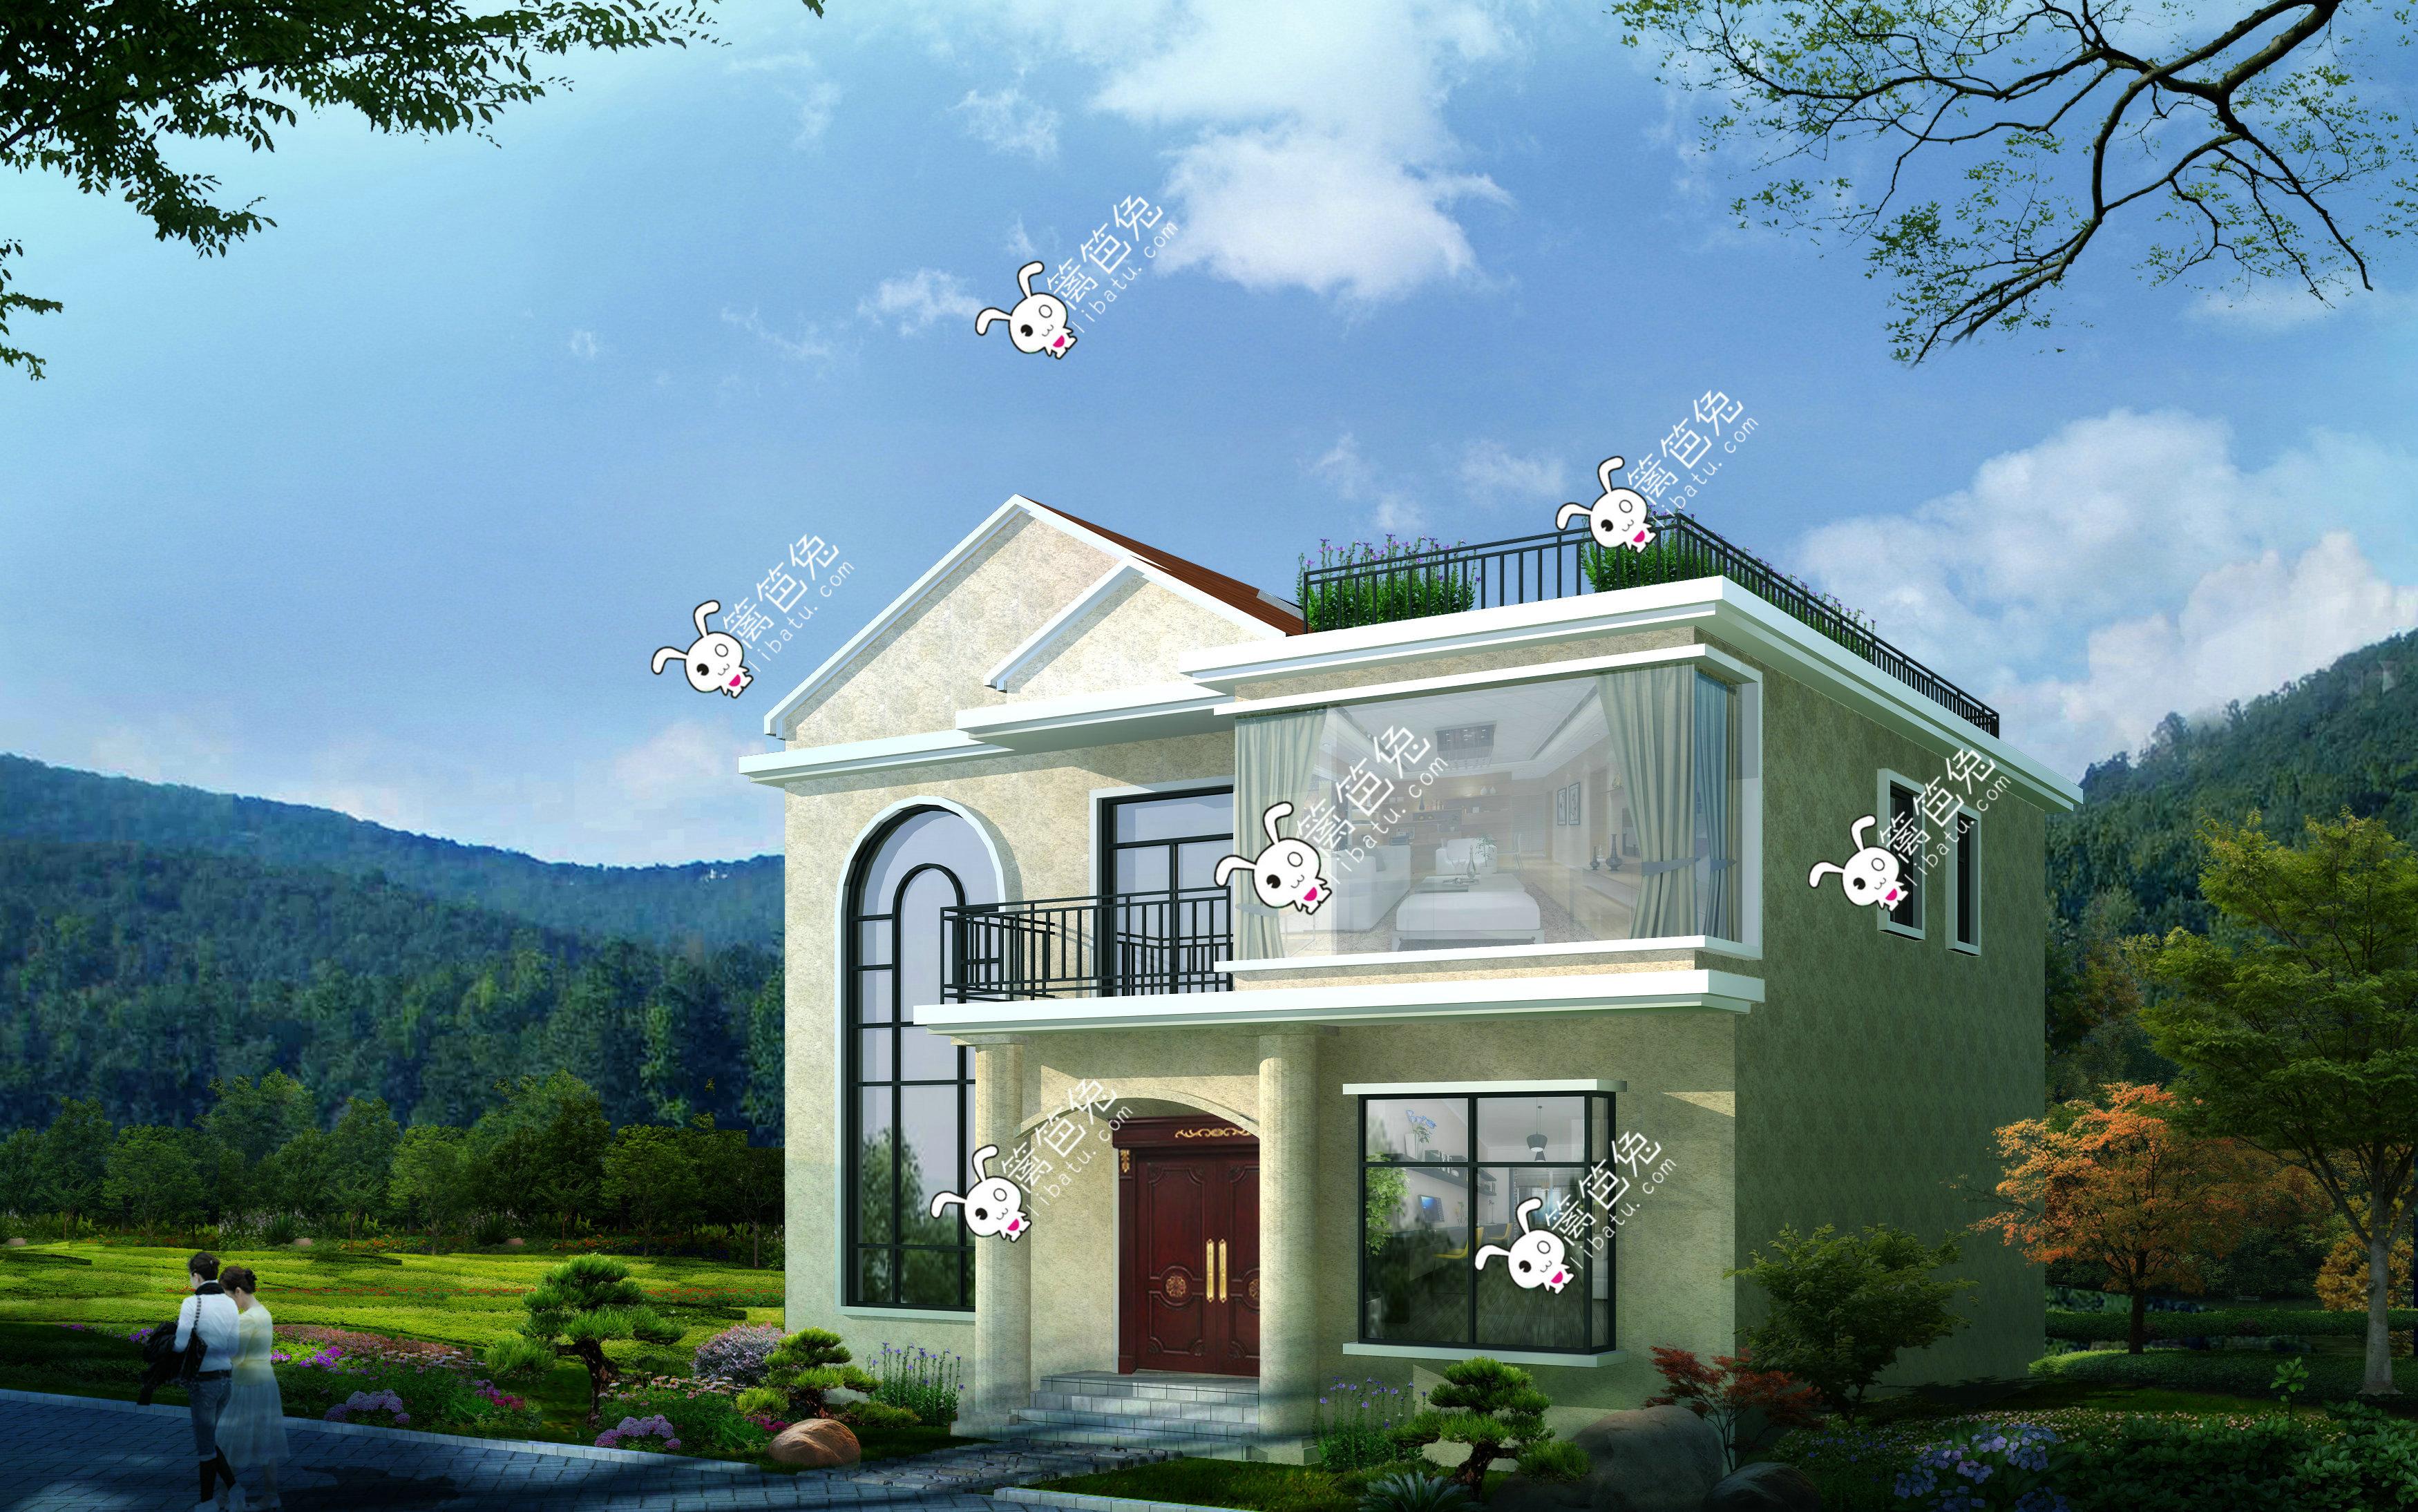 房屋两层图纸设计图两层小楼房别墅v房屋价钱如何计算平面设计农村图片